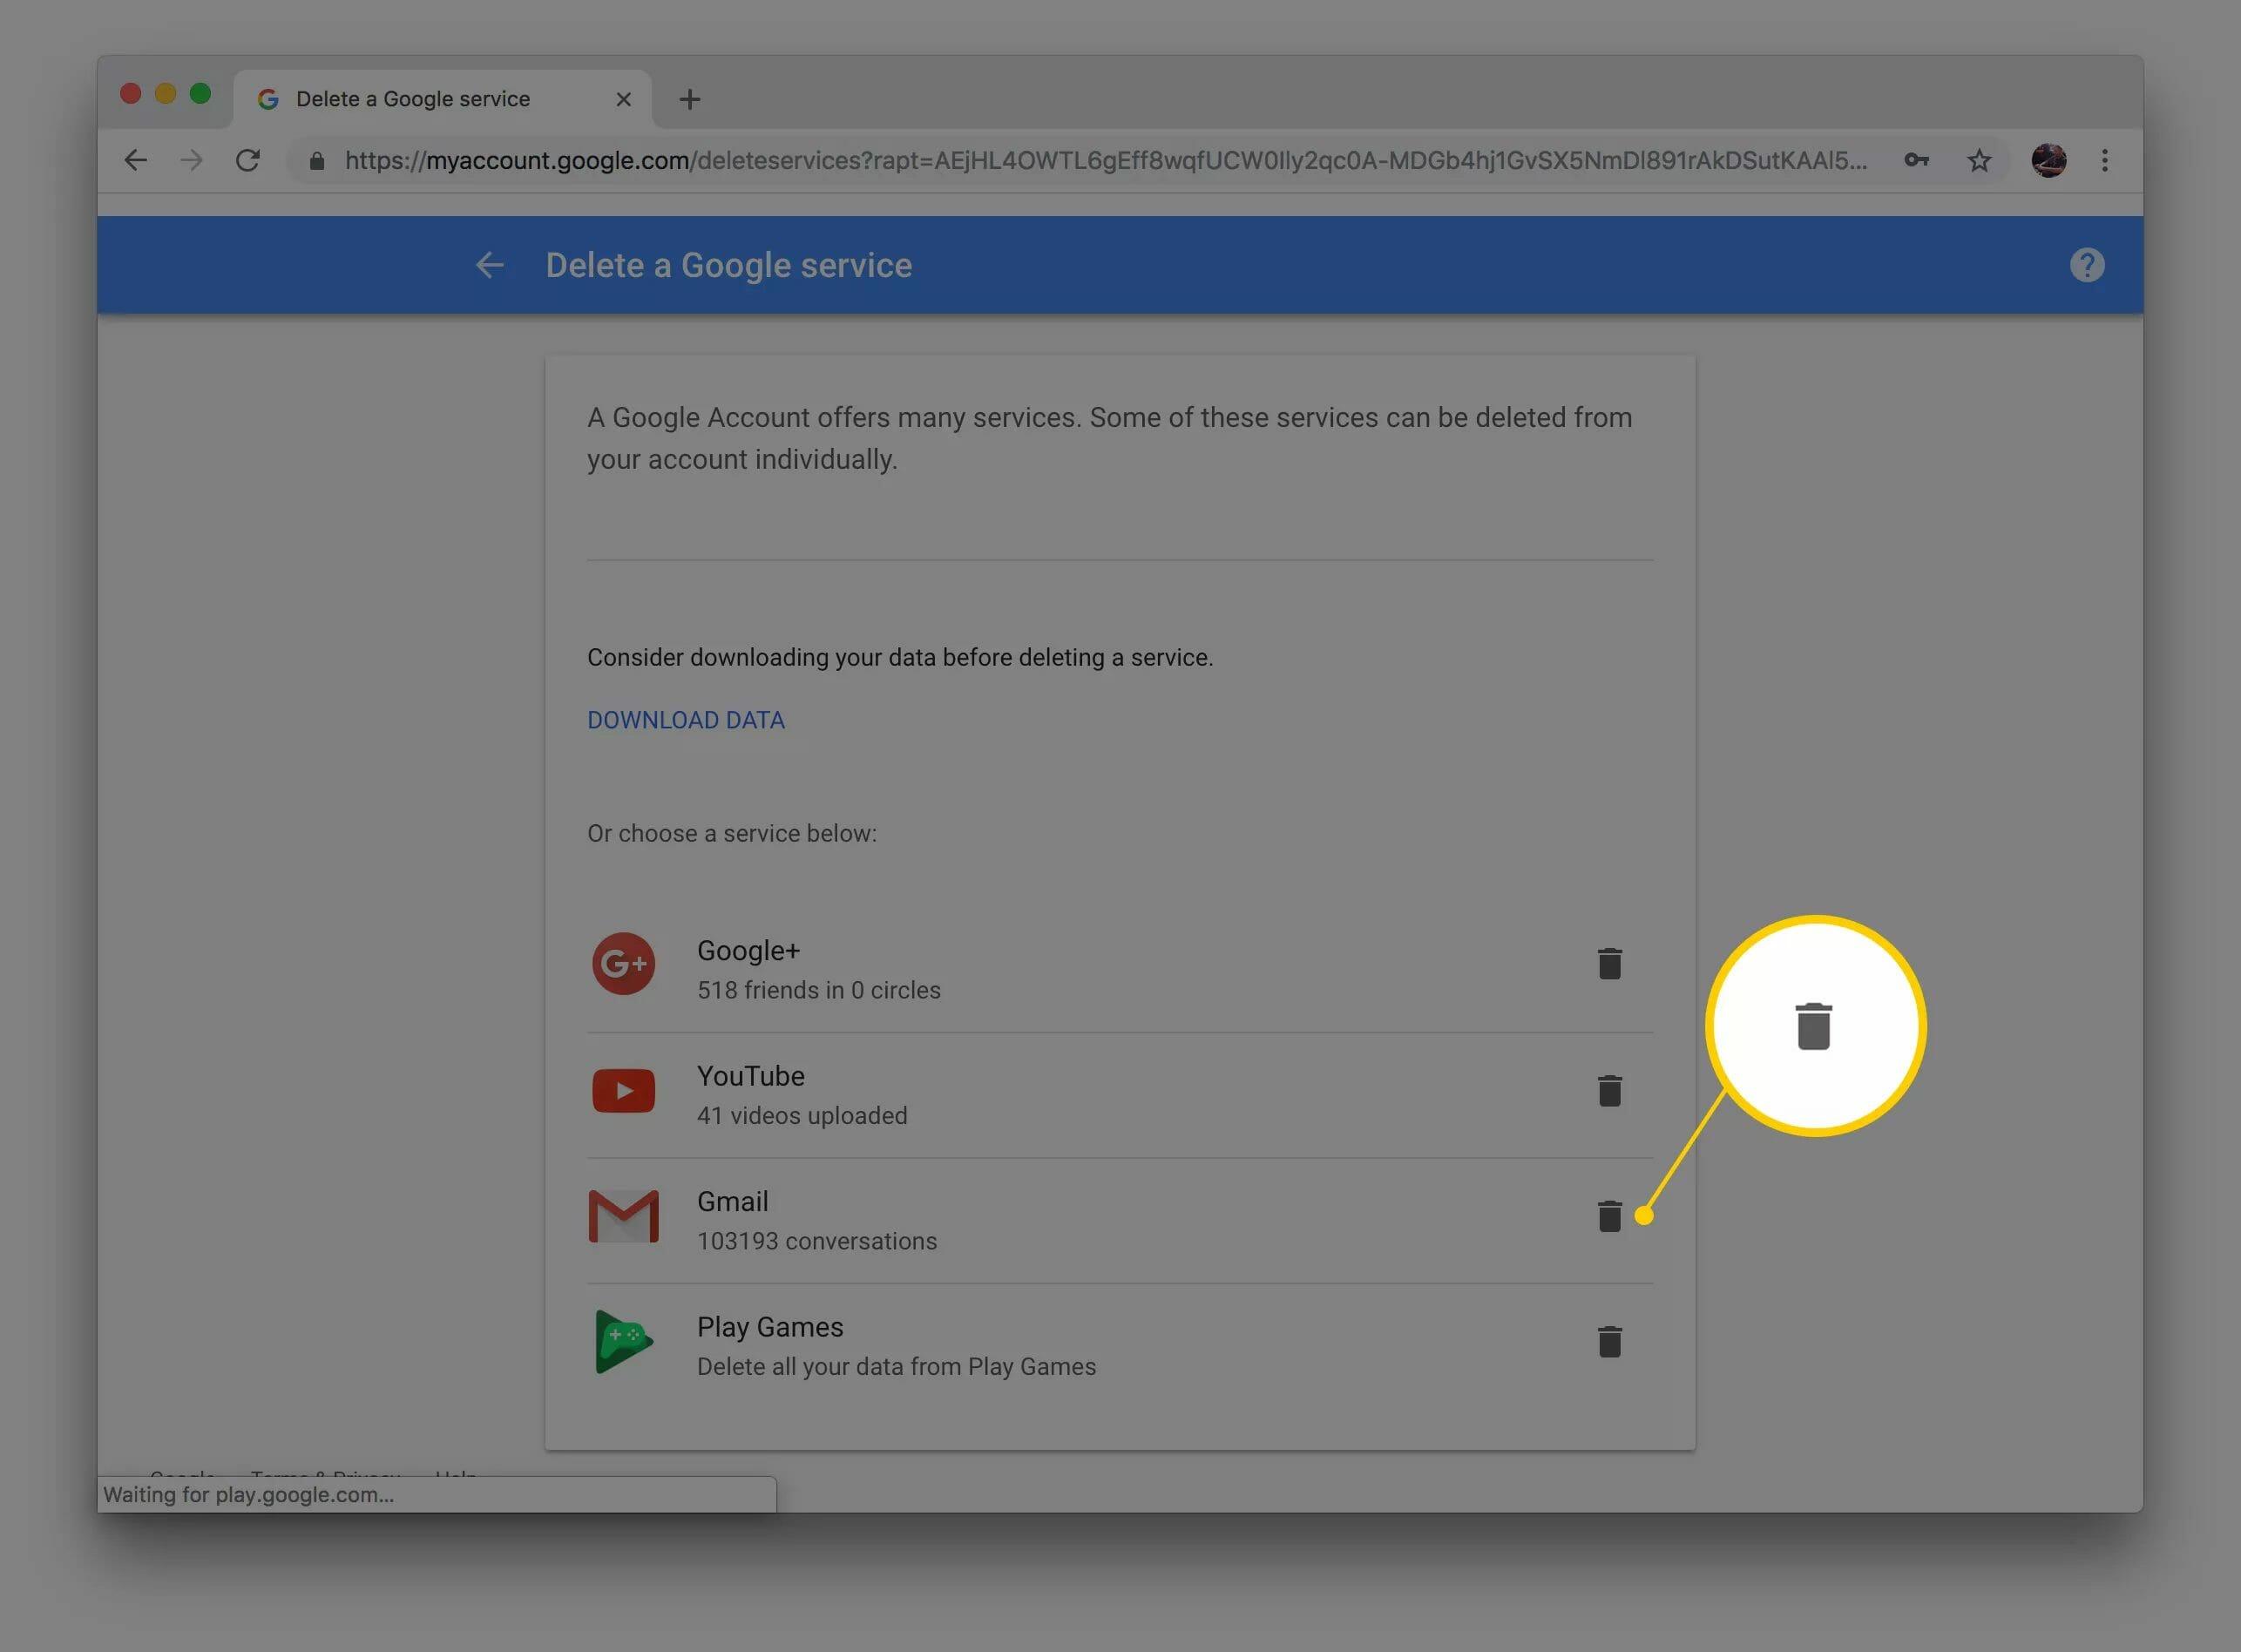 Capture d'écran de l'icône de la corbeille sur laquelle cliquer pour supprimer votre compte Gmail sur le site Web de Google